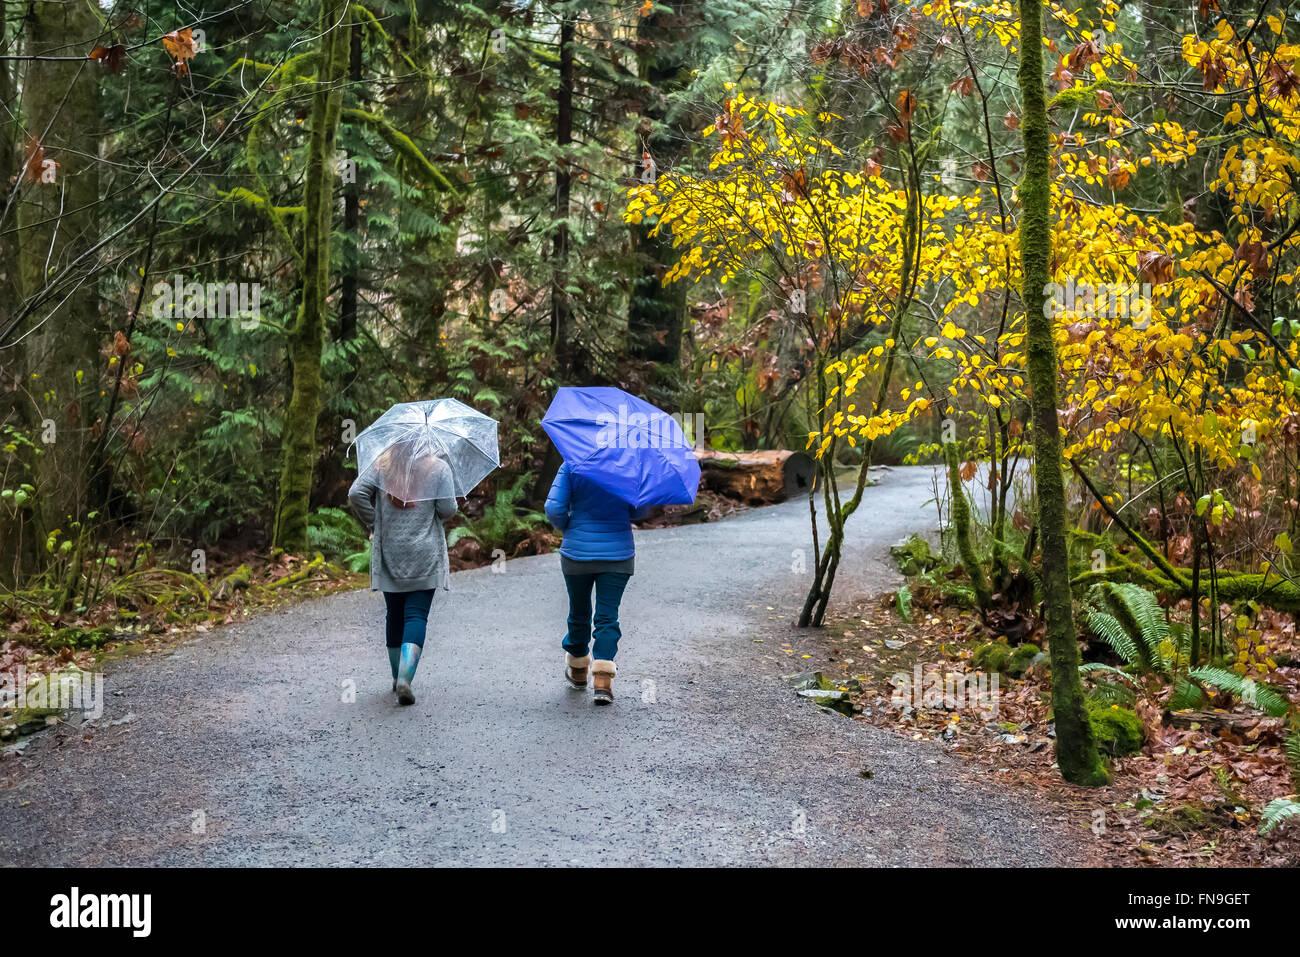 Zwei Frauen Joggen im Regen mit Sonnenschirmen, Victoria, Britisch-Kolumbien, Kanada Stockbild